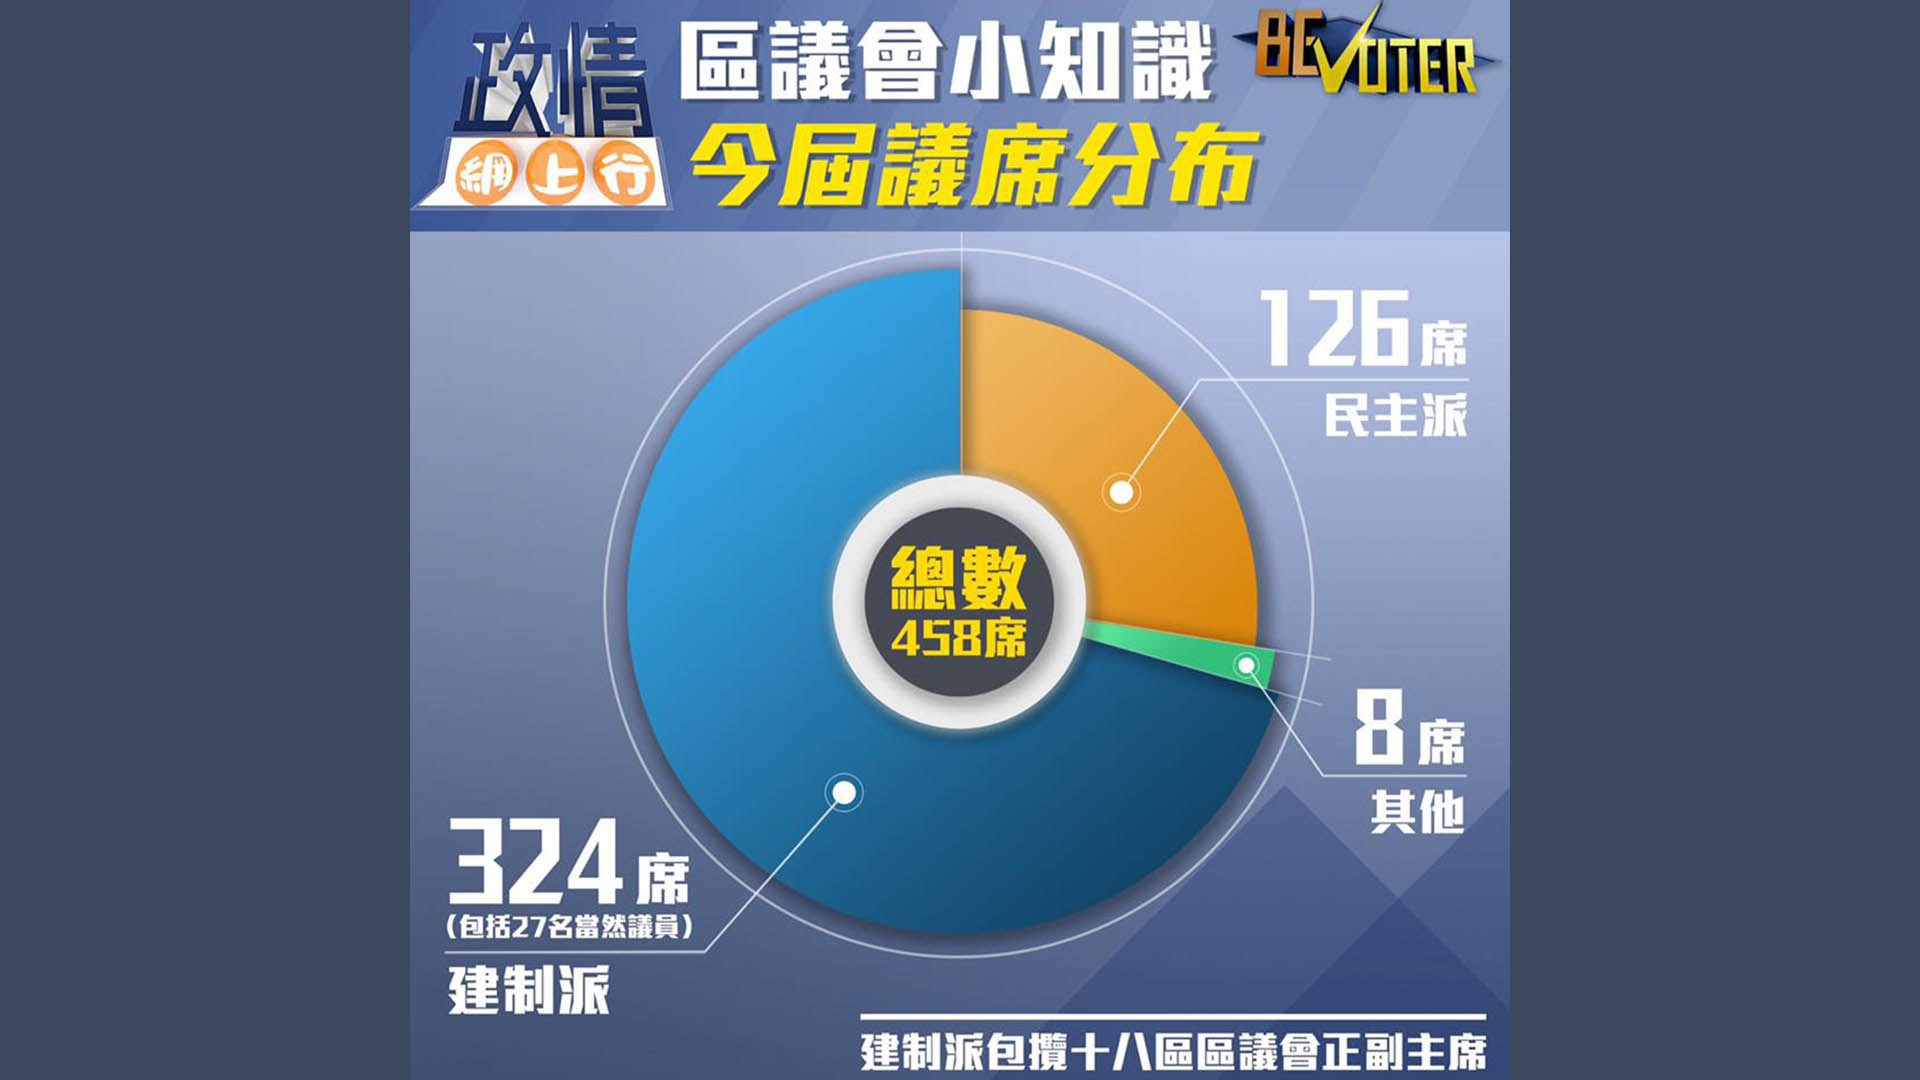 【政情網上行】區議會小知識:今屆議席分布